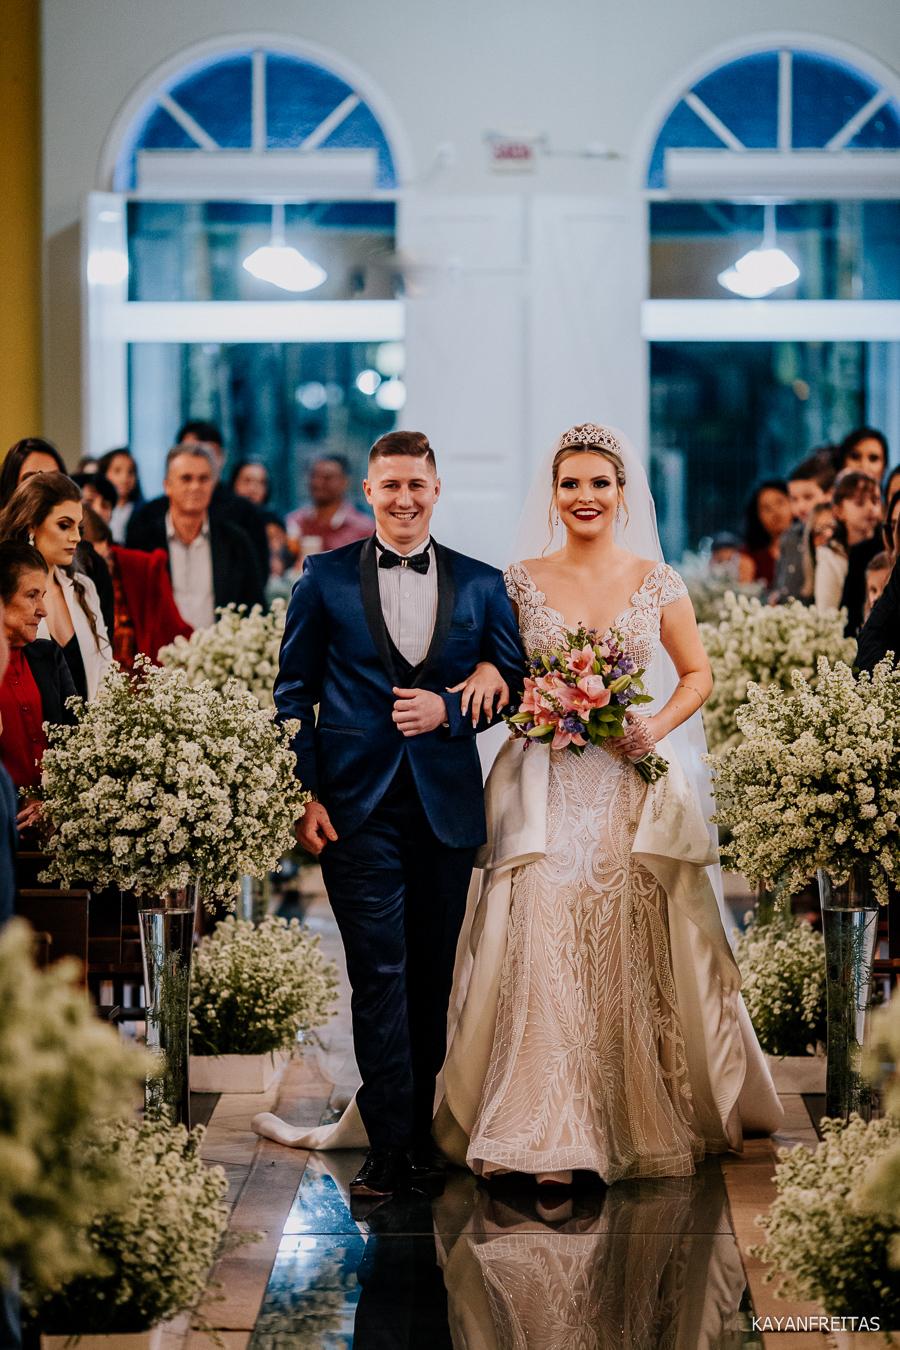 casamento-biguacu-tainaramarcos-0049 Casamento Tainara e Marcos - Biguaçu